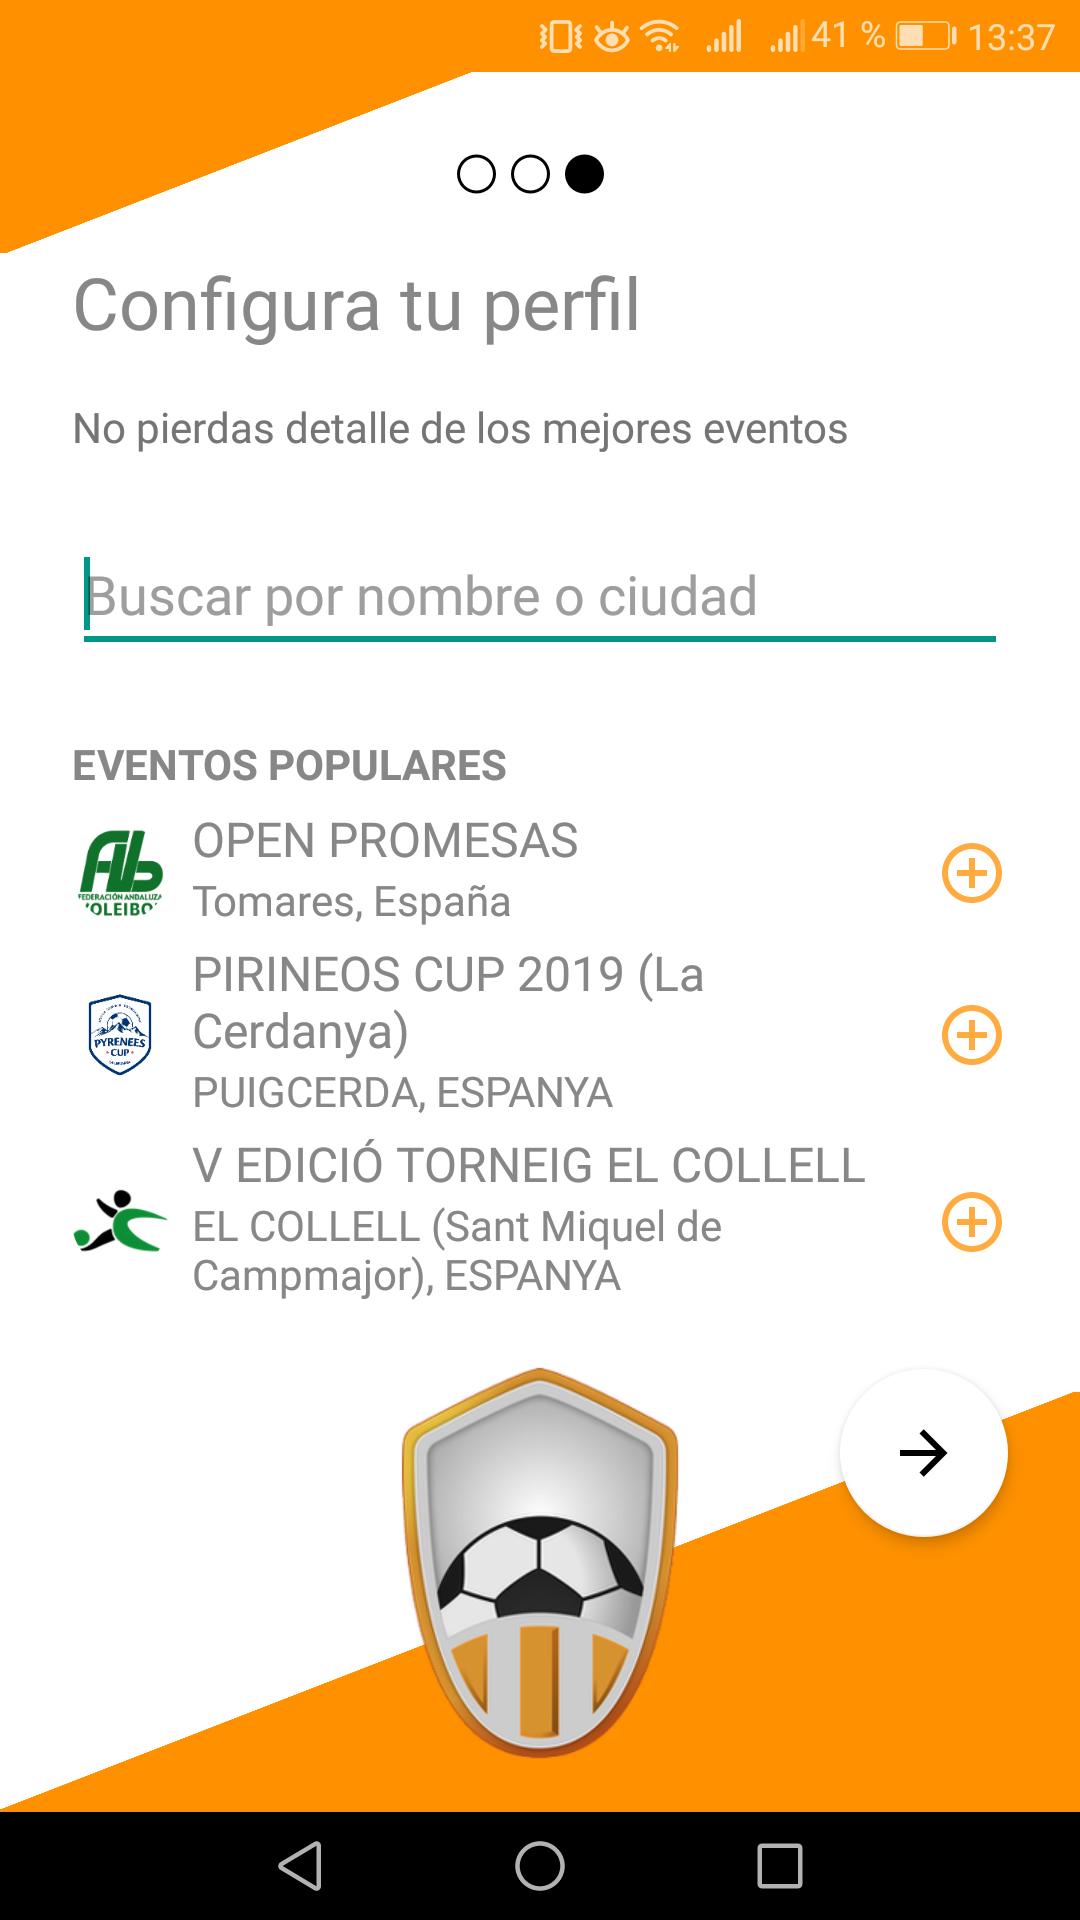 Seguir eventos favoritos en app Competize